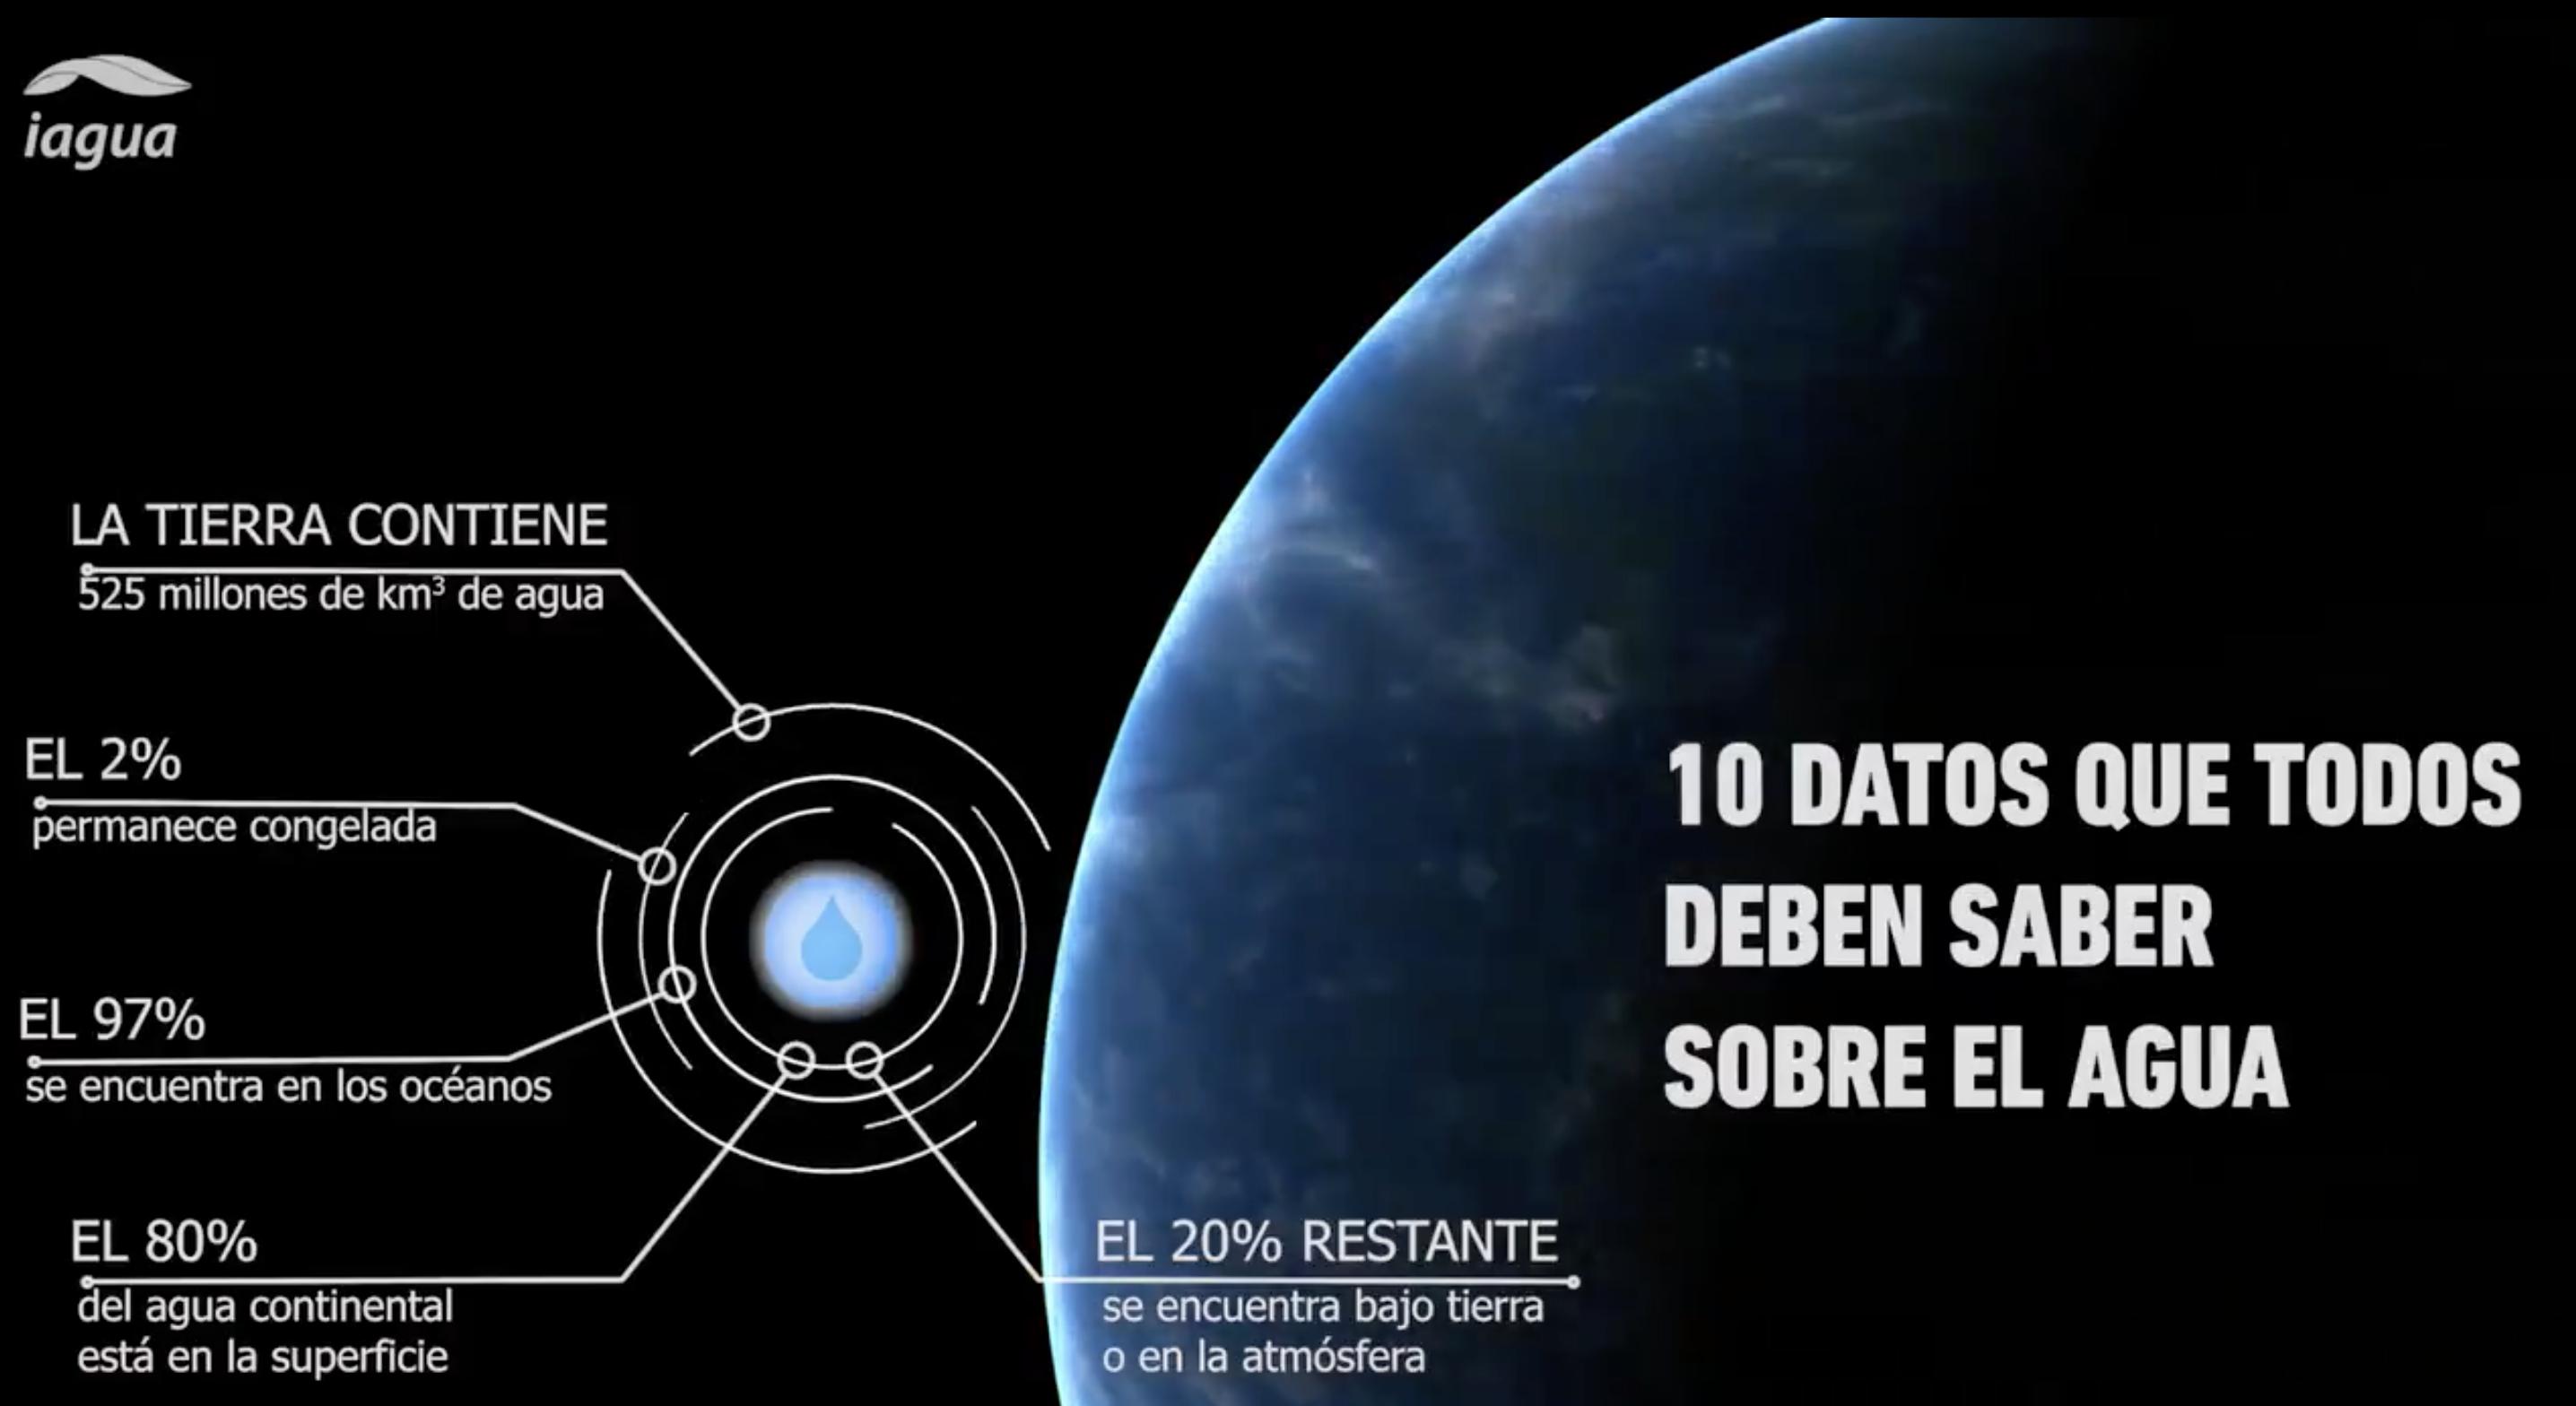 10 Datos que Todos deben conocer del Agua | Video